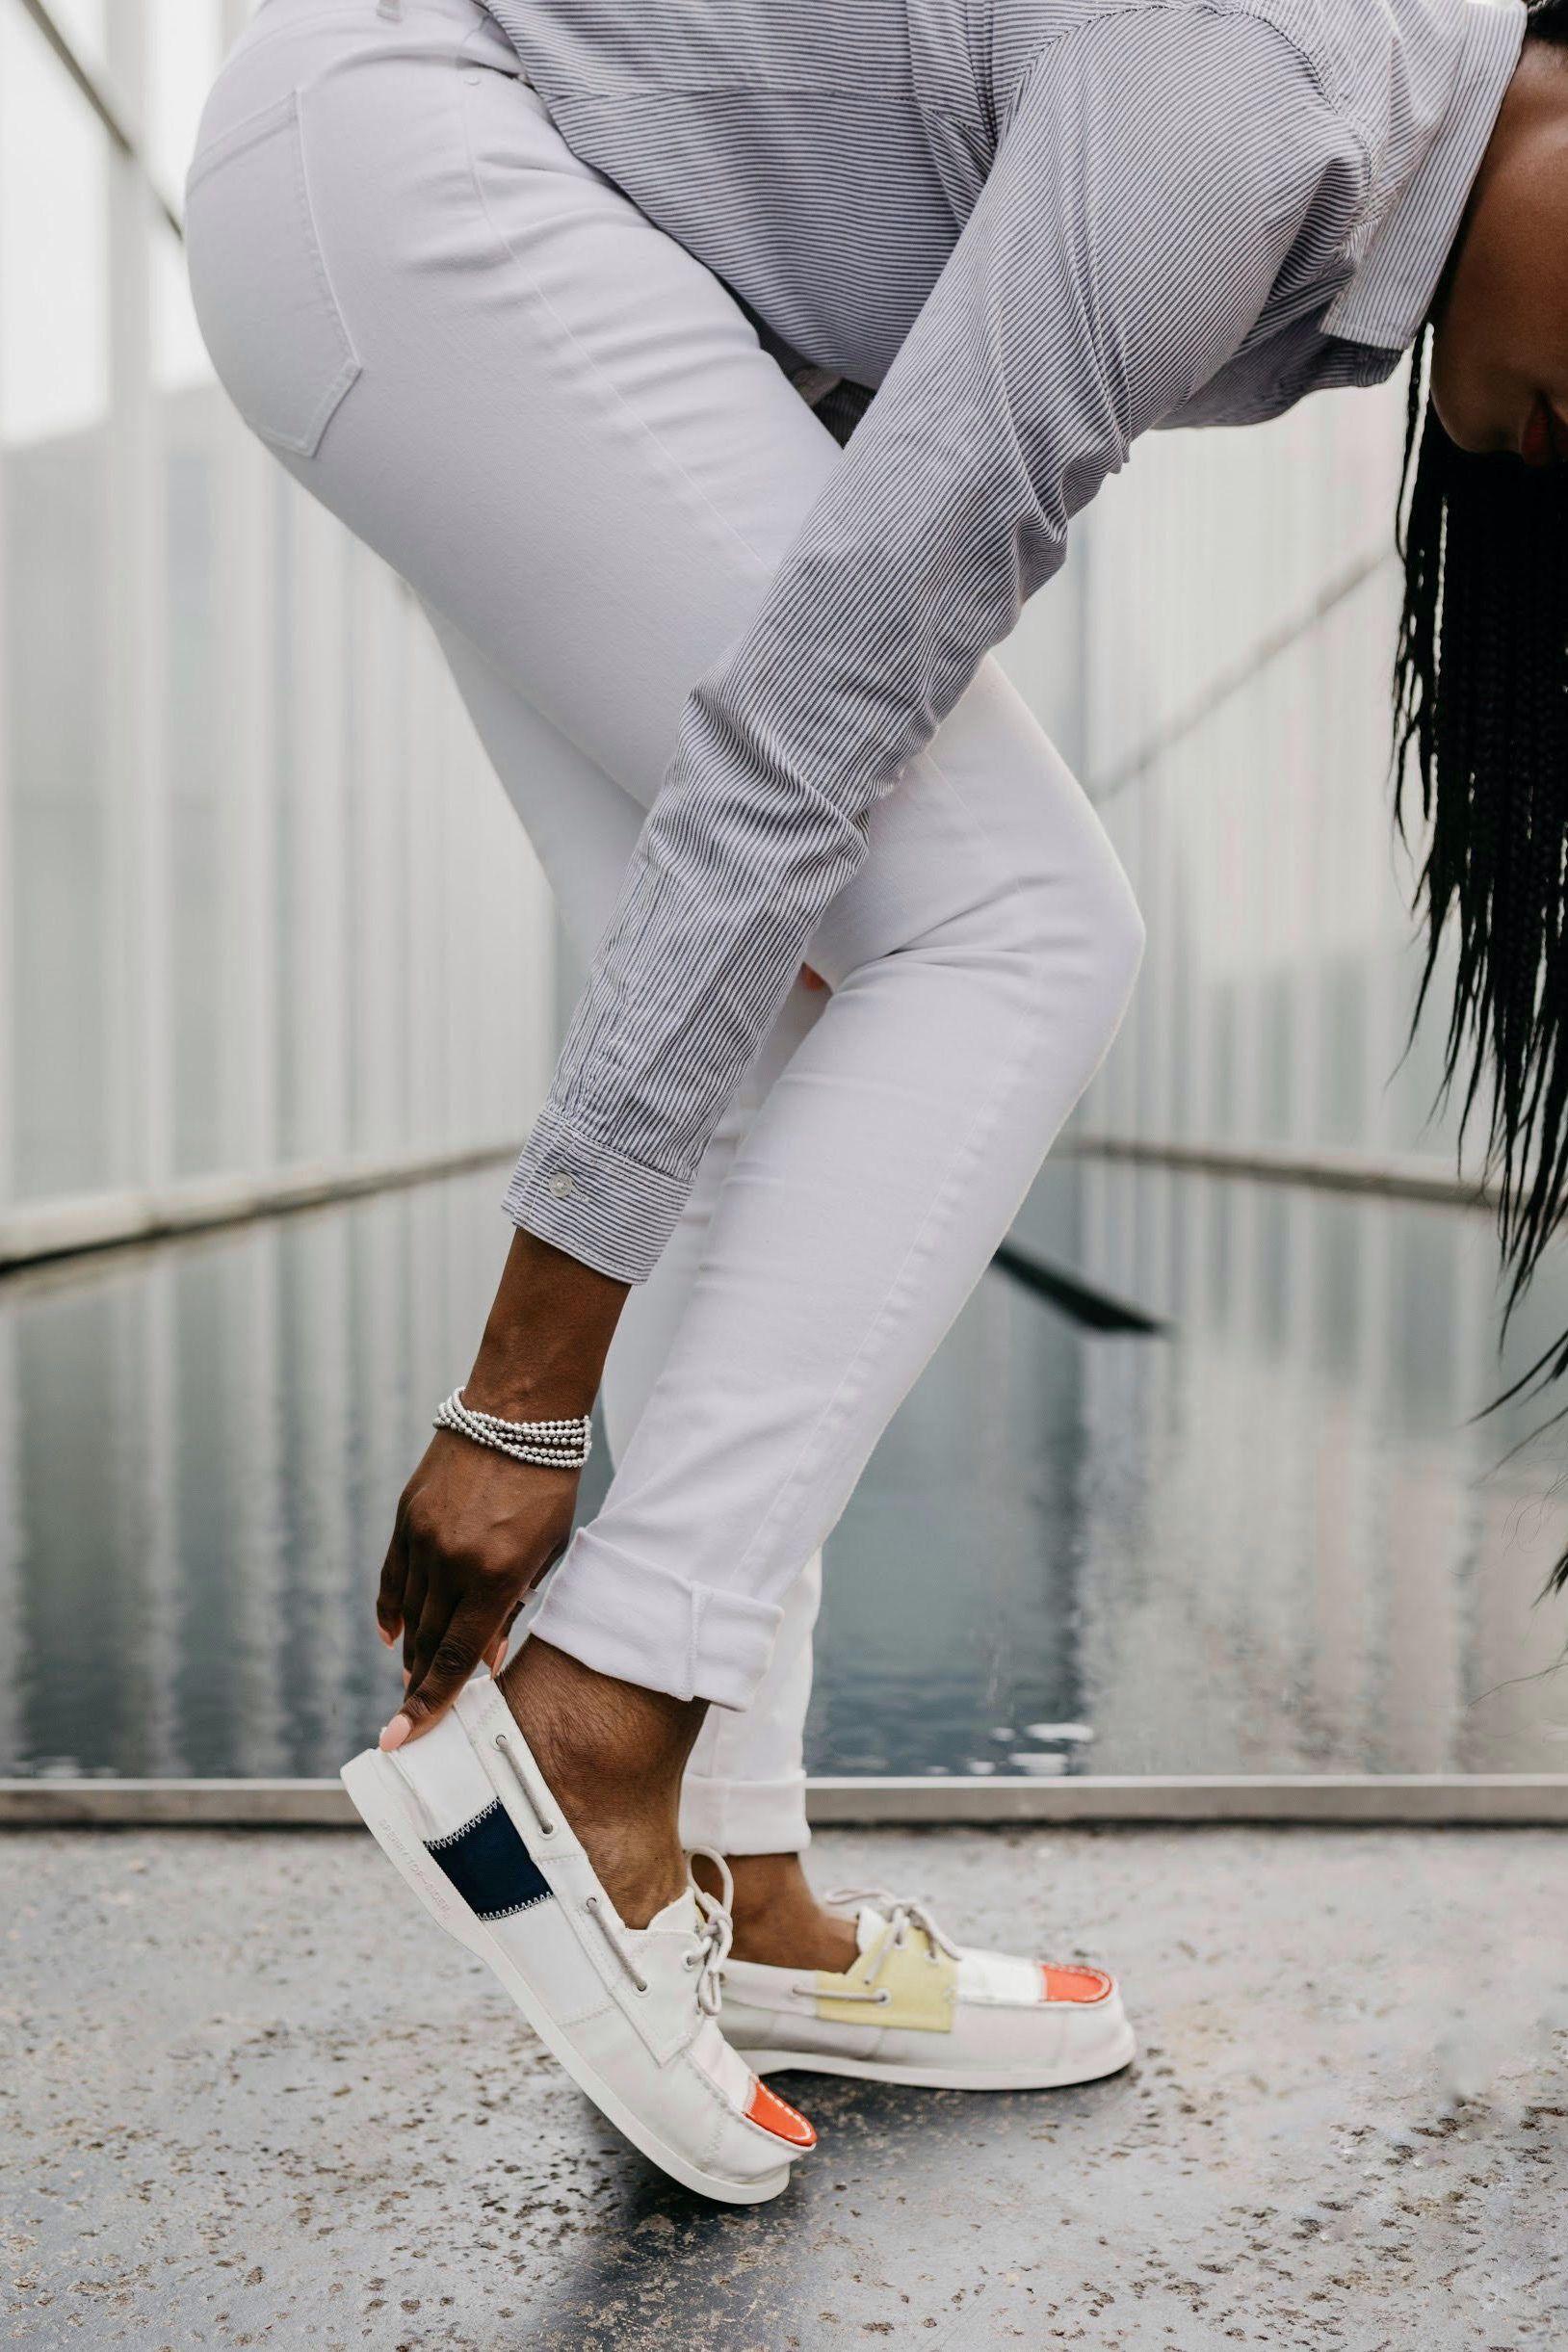 Sperrys, Boat shoes, Fancy shoes